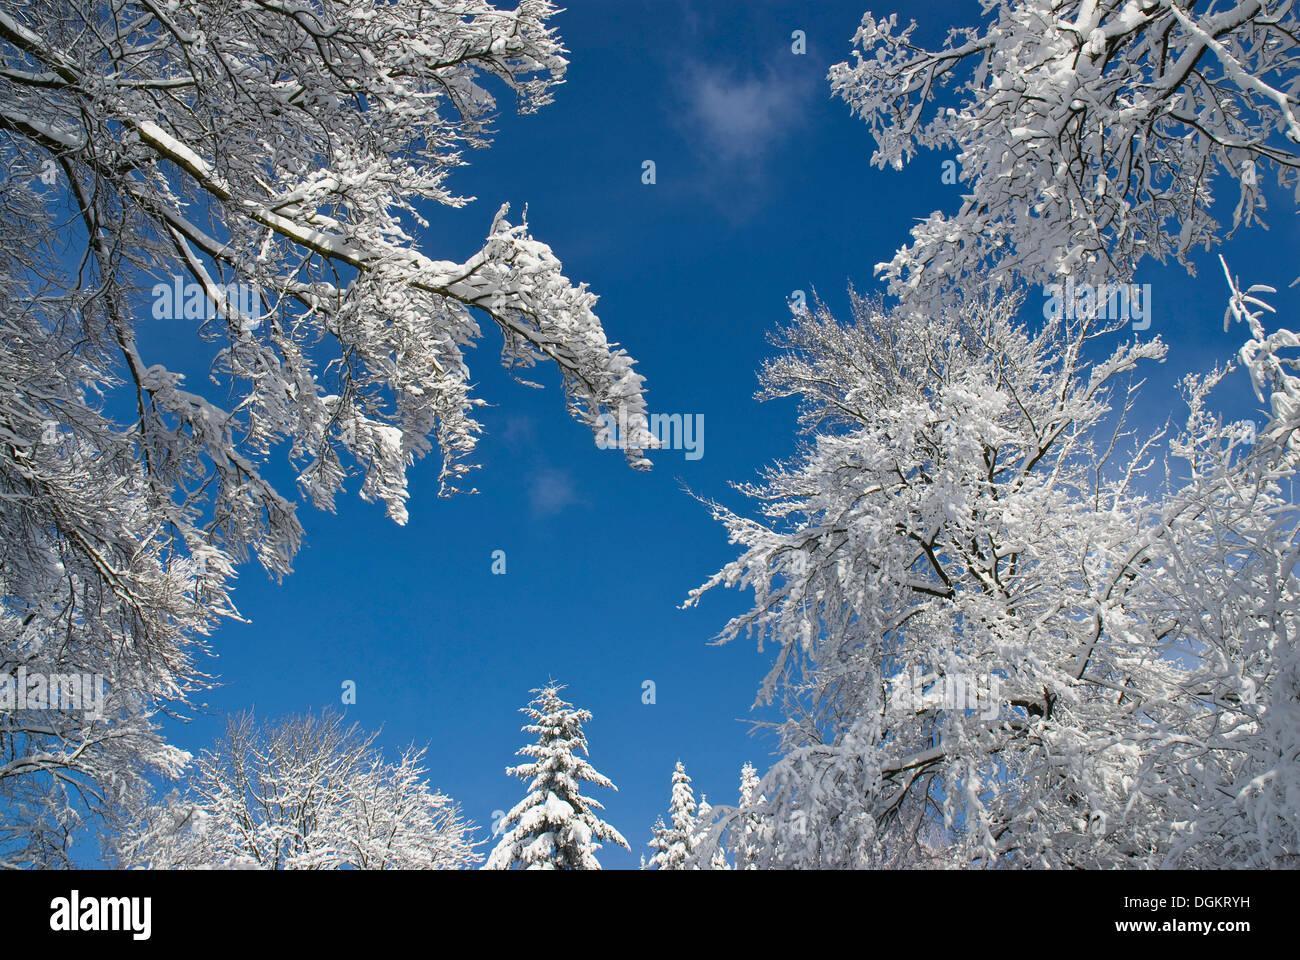 Blick auf den Himmel zwischen schneebedeckten Baumwipfel, tiefblauen Himmel Stockbild